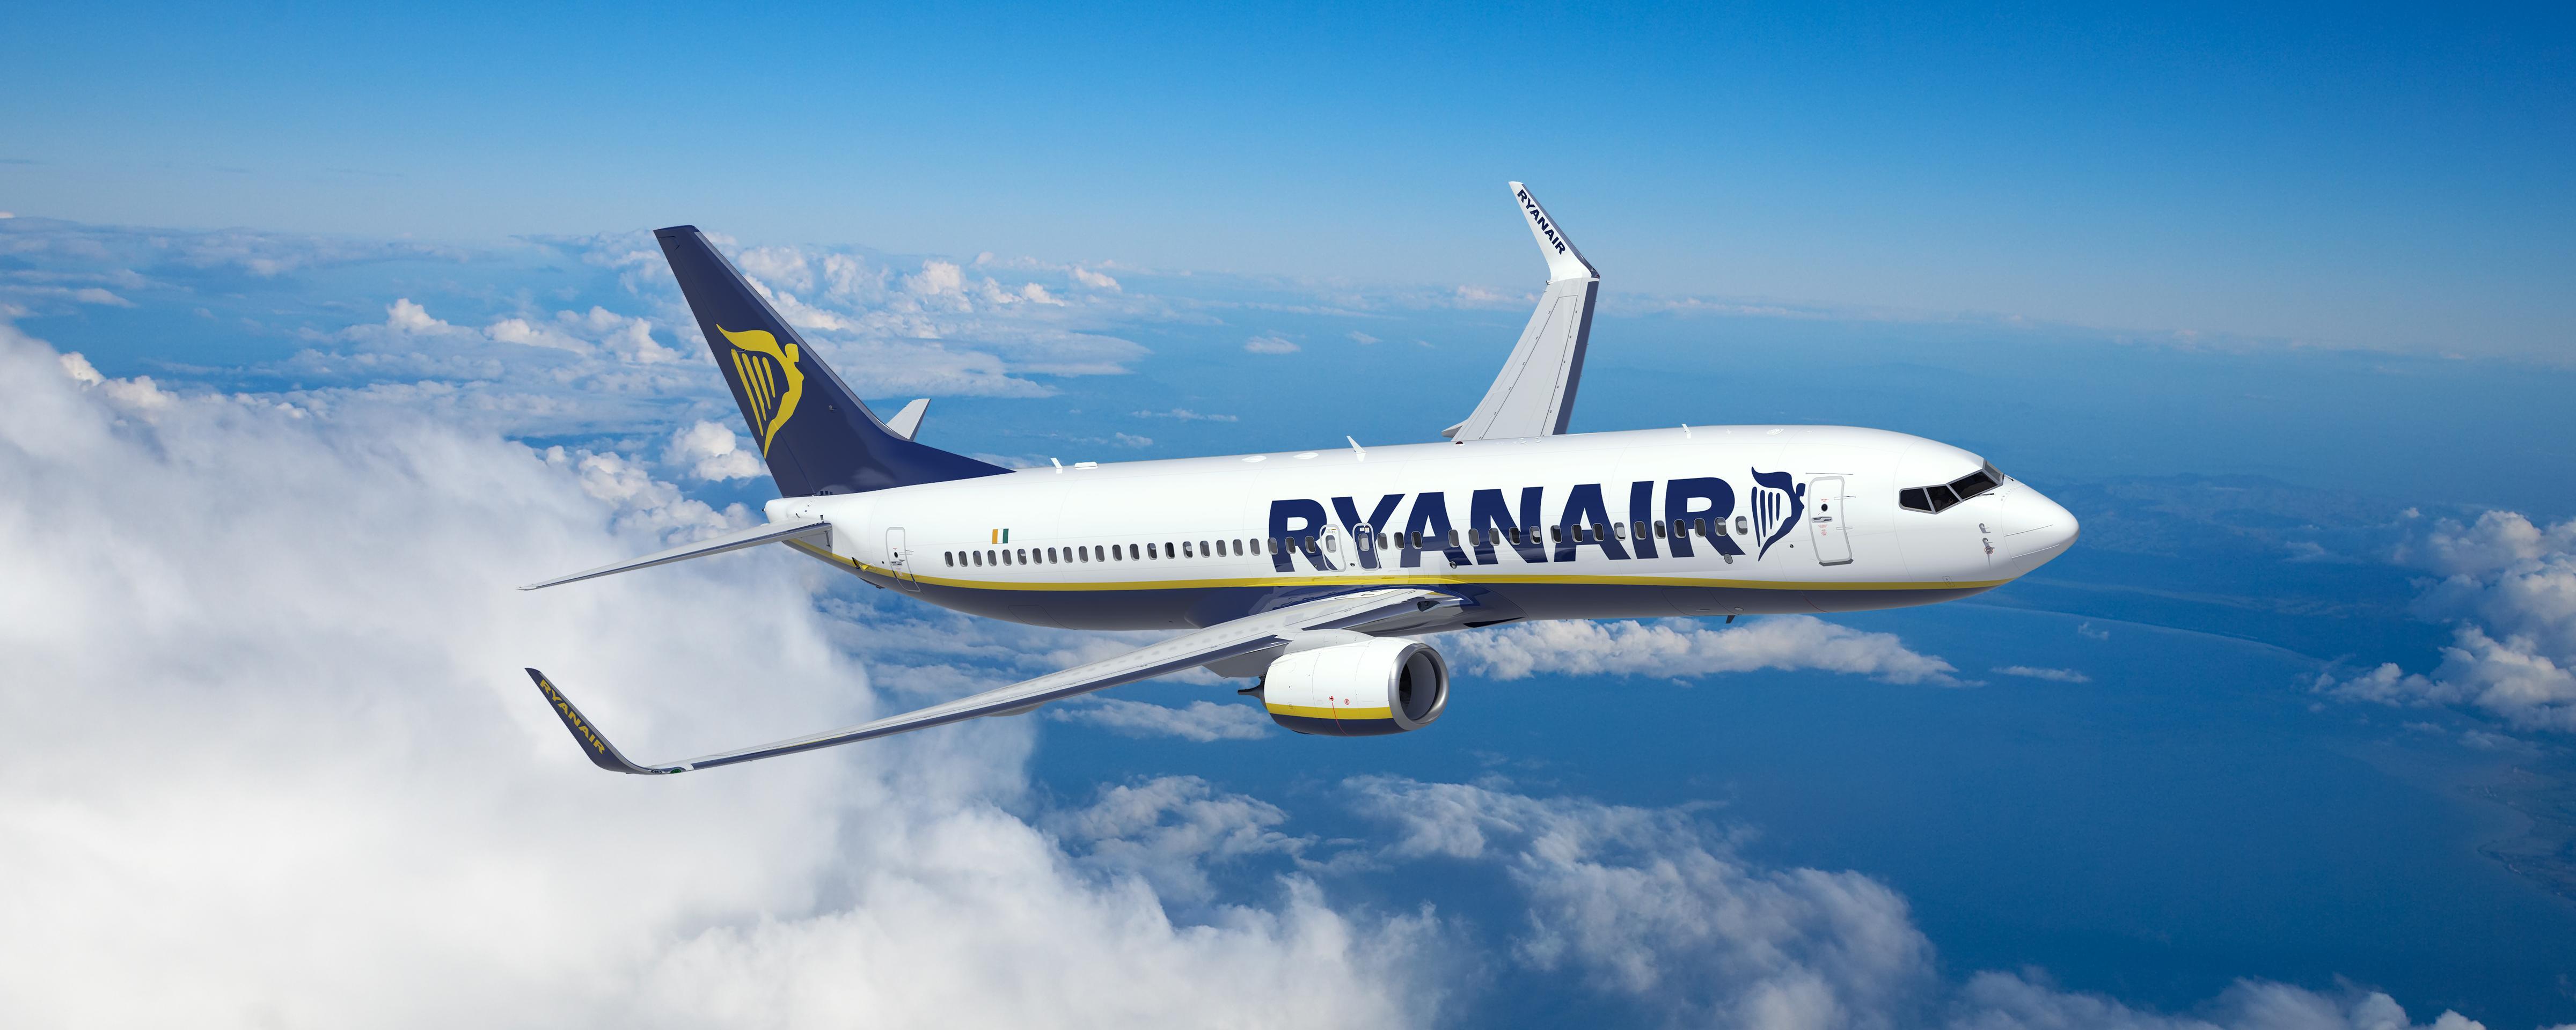 Ryanair to reintroduce Glasgow routes